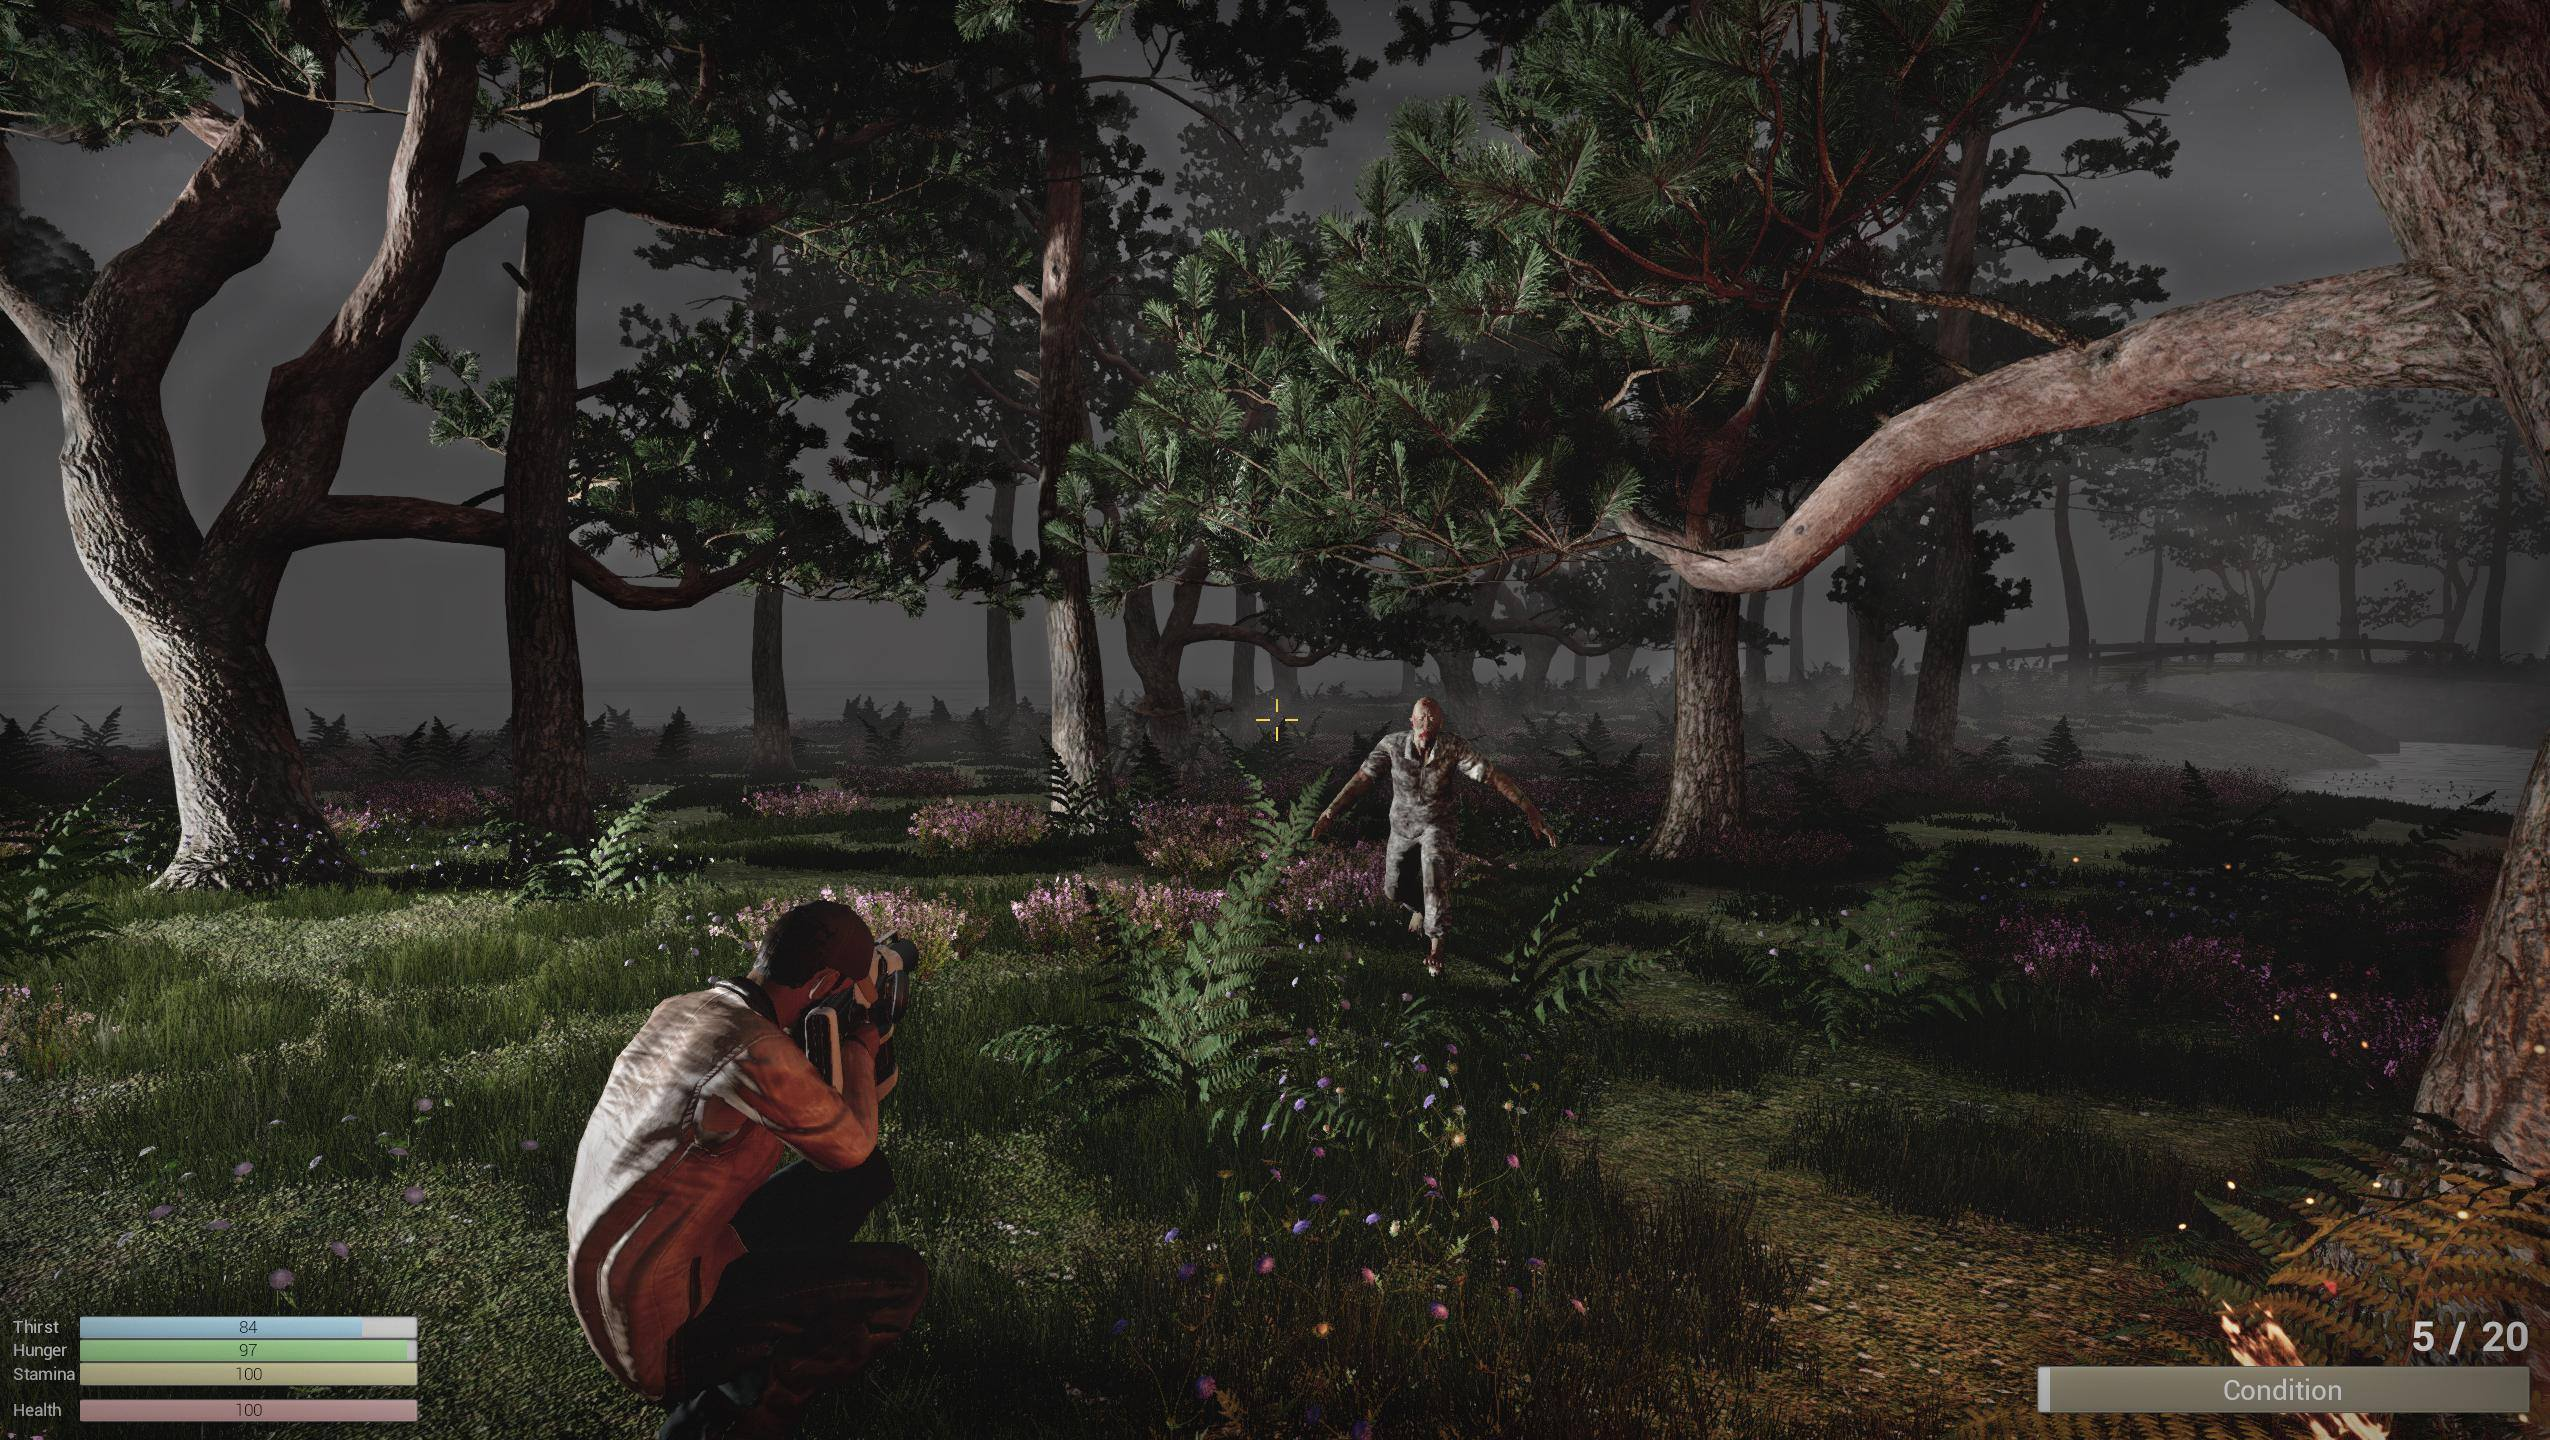 Создание игры на Unreal Engine 4 за 150 часов (Видео + Исходники)